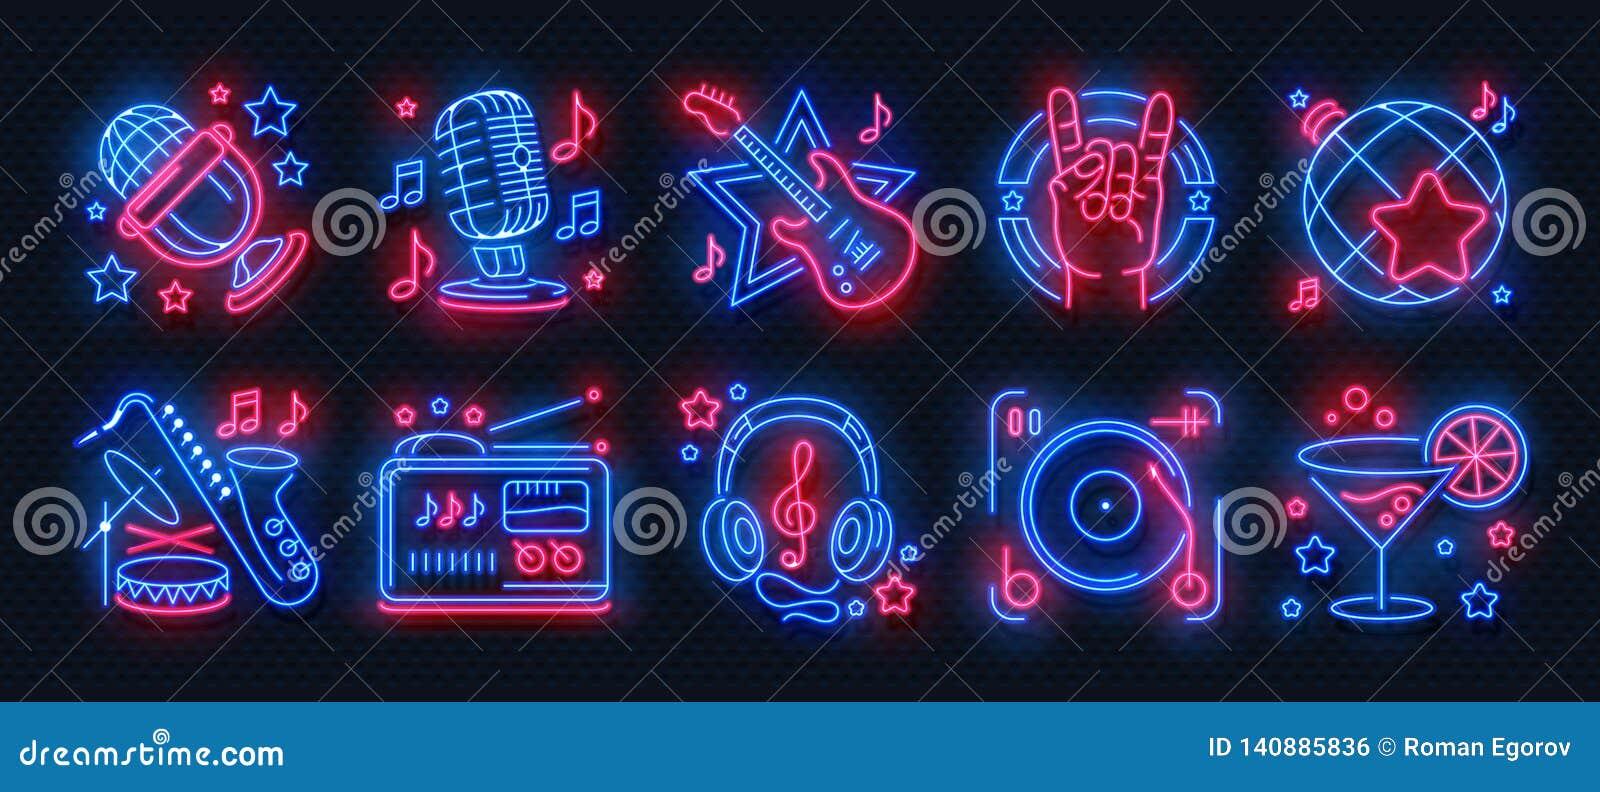 Iconos de neón del partido Ligeras señales del Karaoke de la música de danza, bandera del concierto que brilla intensamente, cart